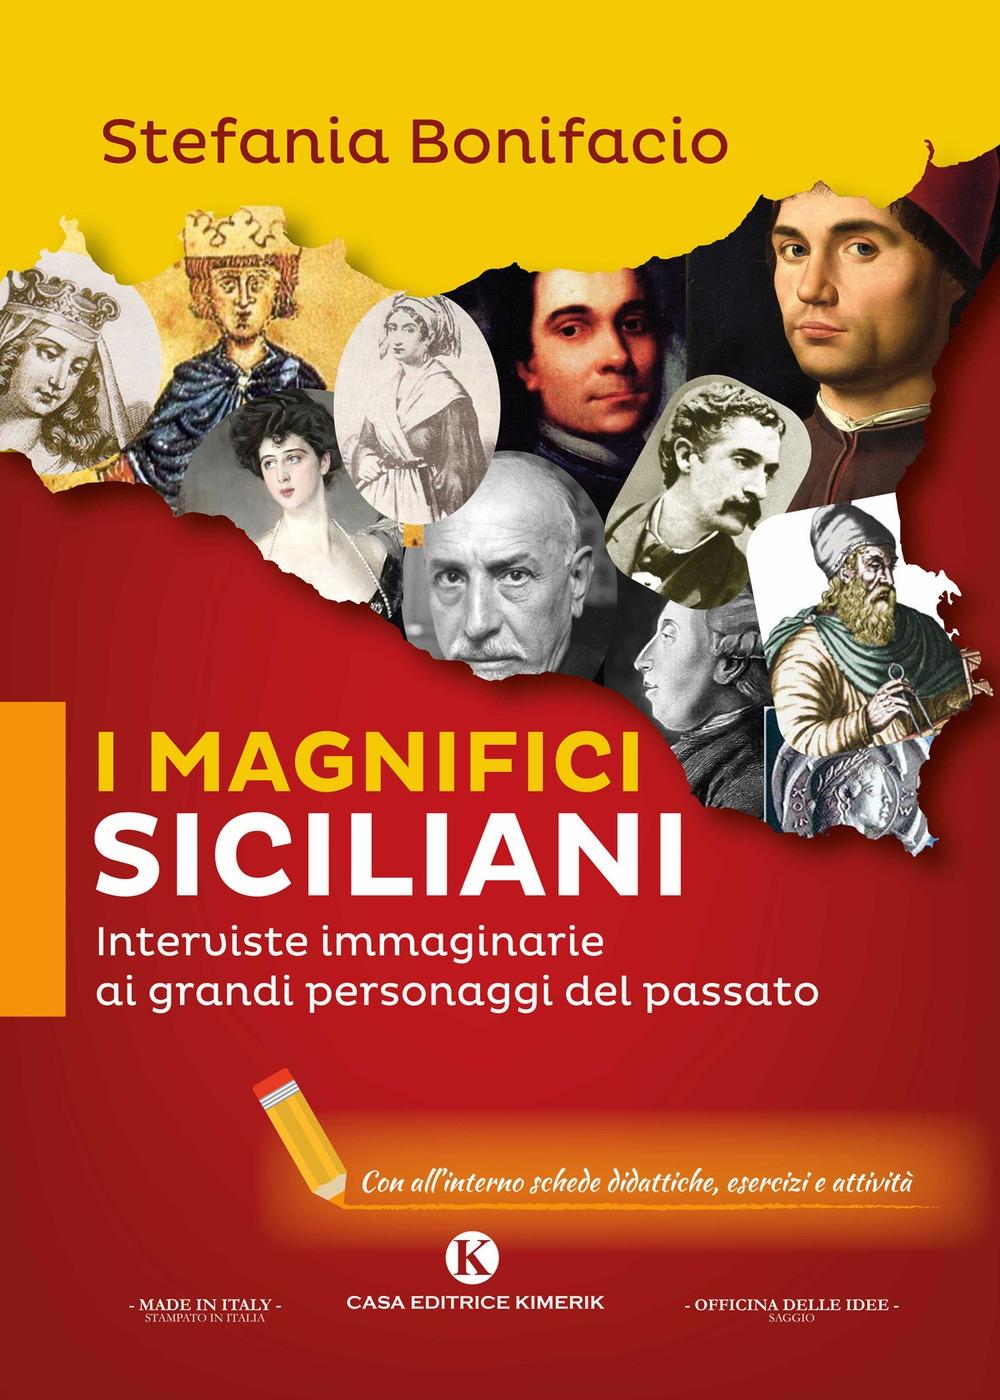 Indietro nel tempo intervistando i magnifici siciliani